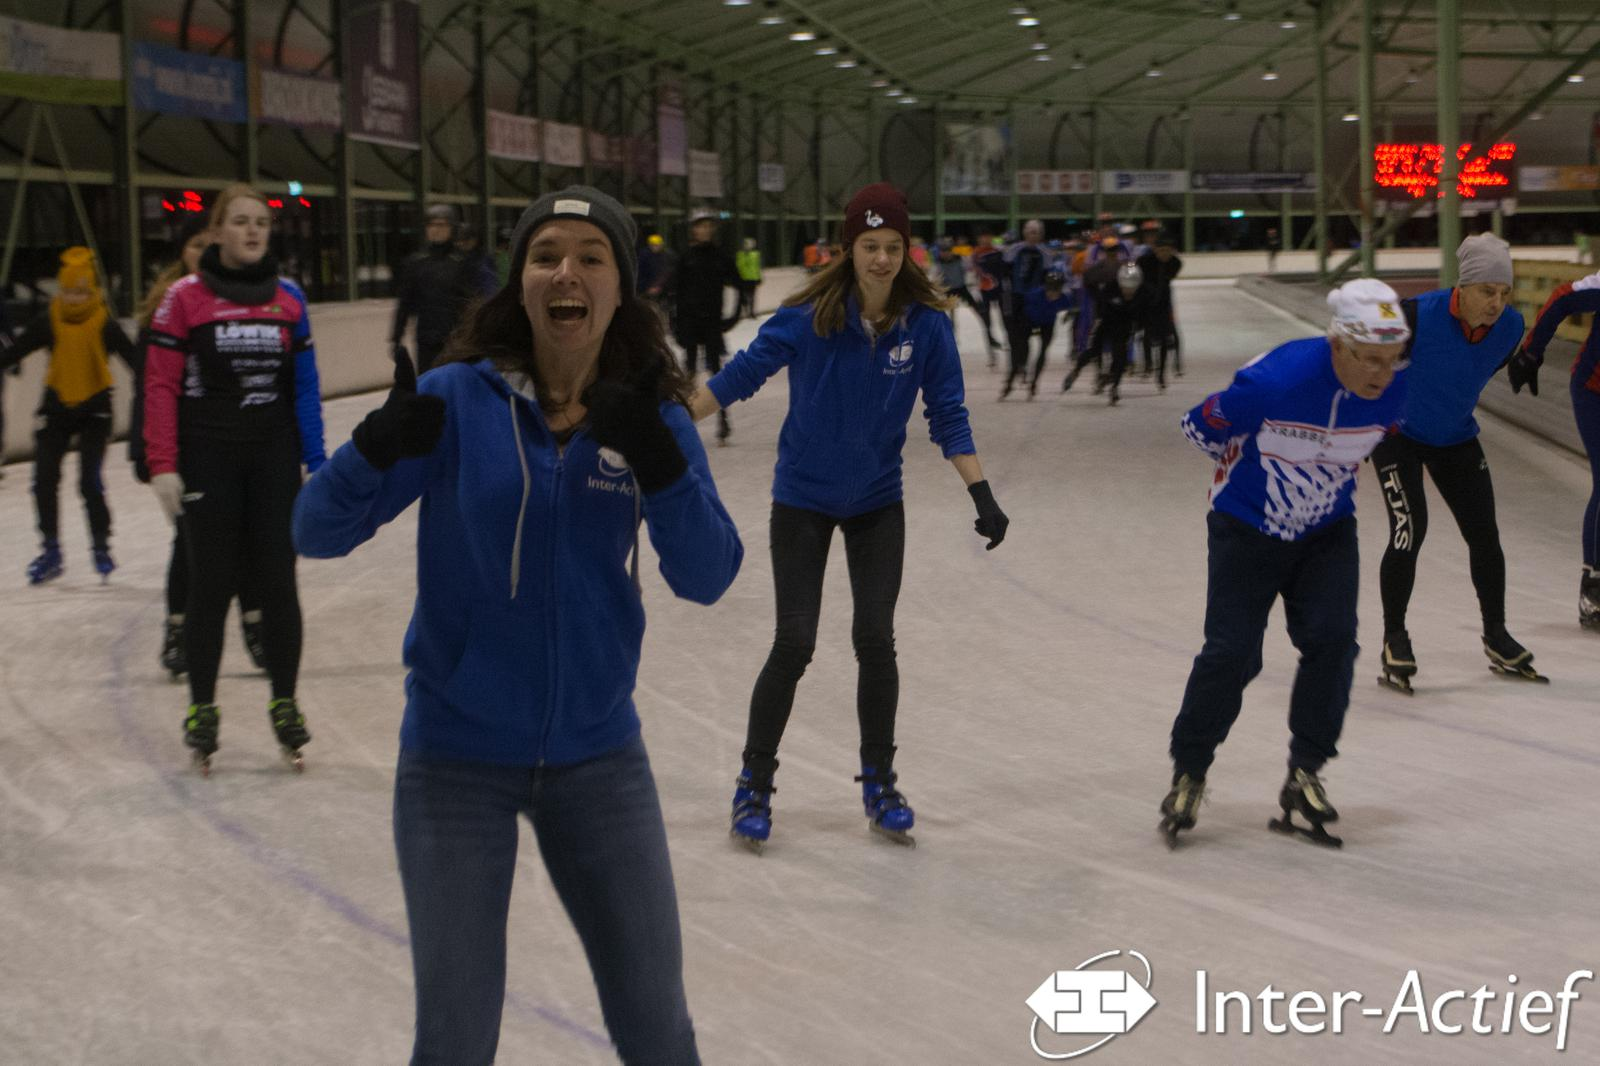 IceSkating20200116_NielsdeGroot-31.jpg